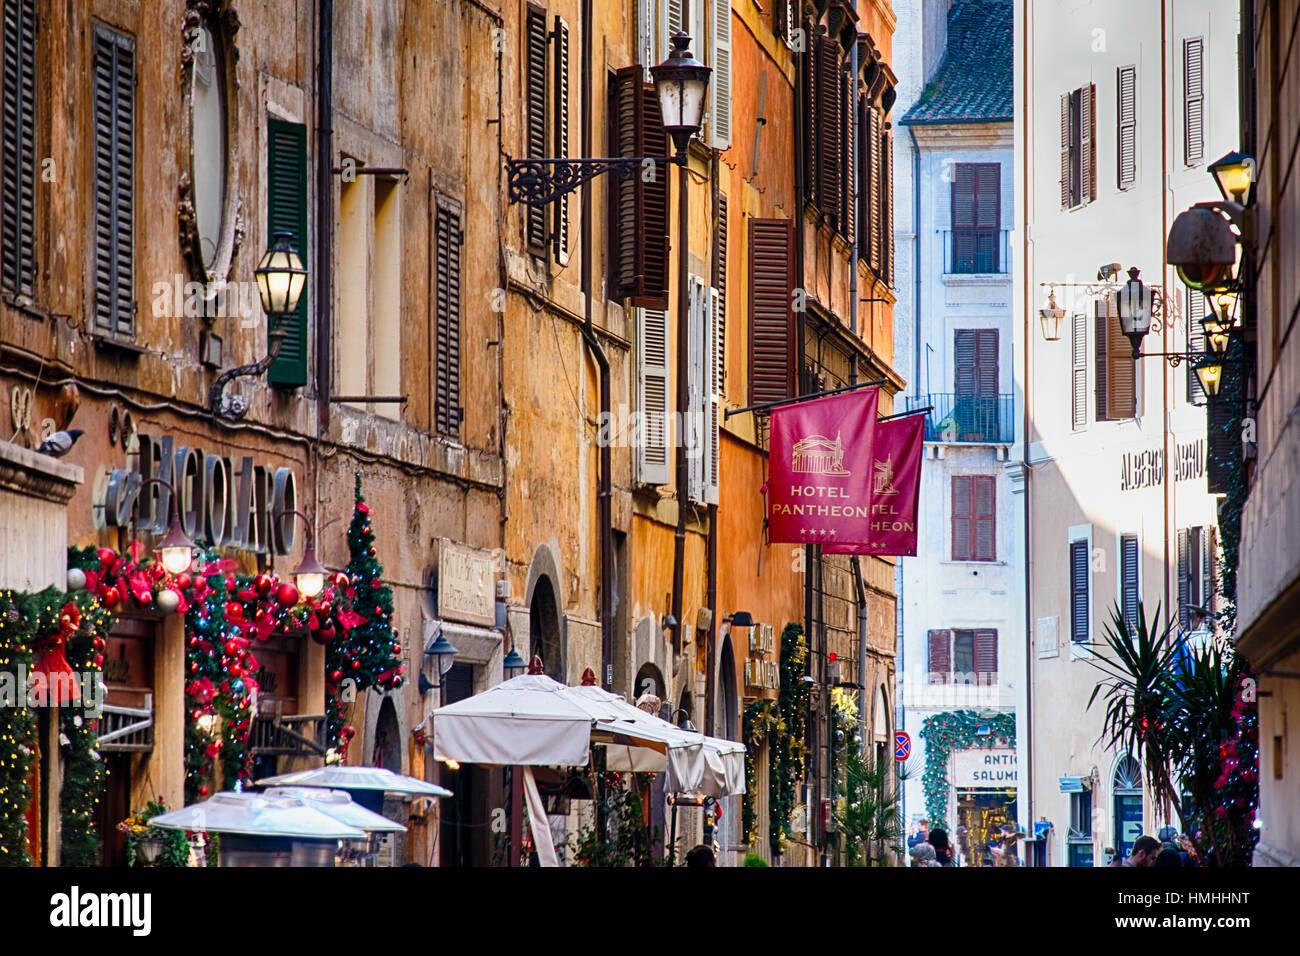 Straße im zentralen Rom während der Weihnachtsferien, Via dei Pastini, Rom, Latium Stockbild